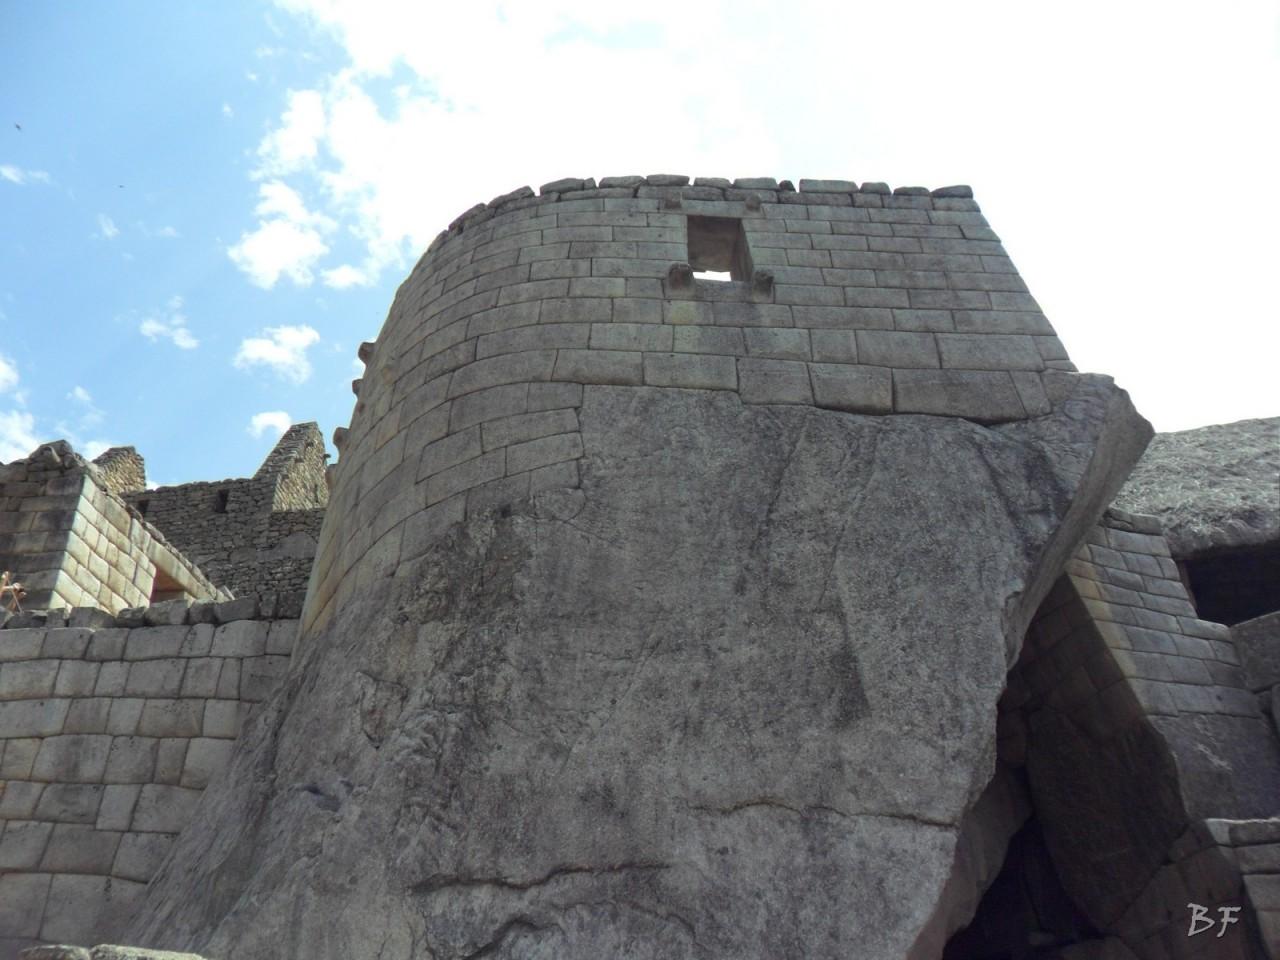 Mura-Poligonali-Incisioni-Altari-Edifici-Rupestri-Megaliti-Machu-Picchu-Aguas-Calientes-Urubamba-Cusco-Perù-162